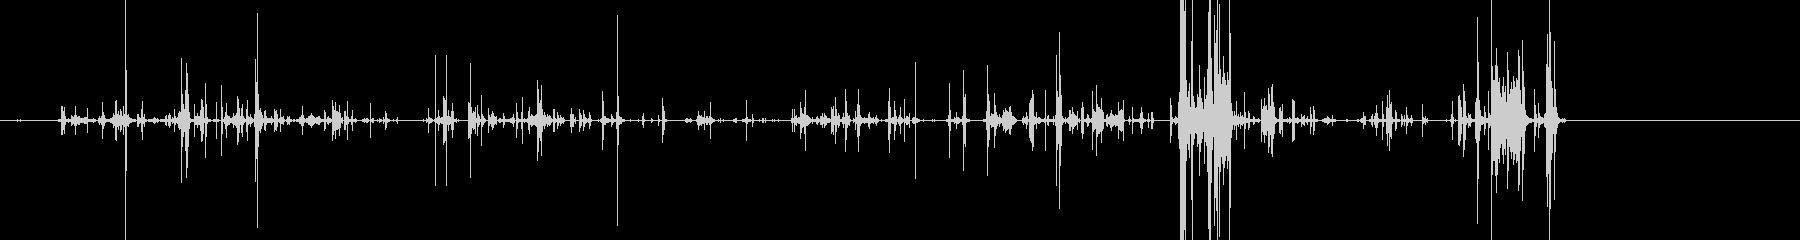 メタルシャックルズムーブメント;メ...の未再生の波形